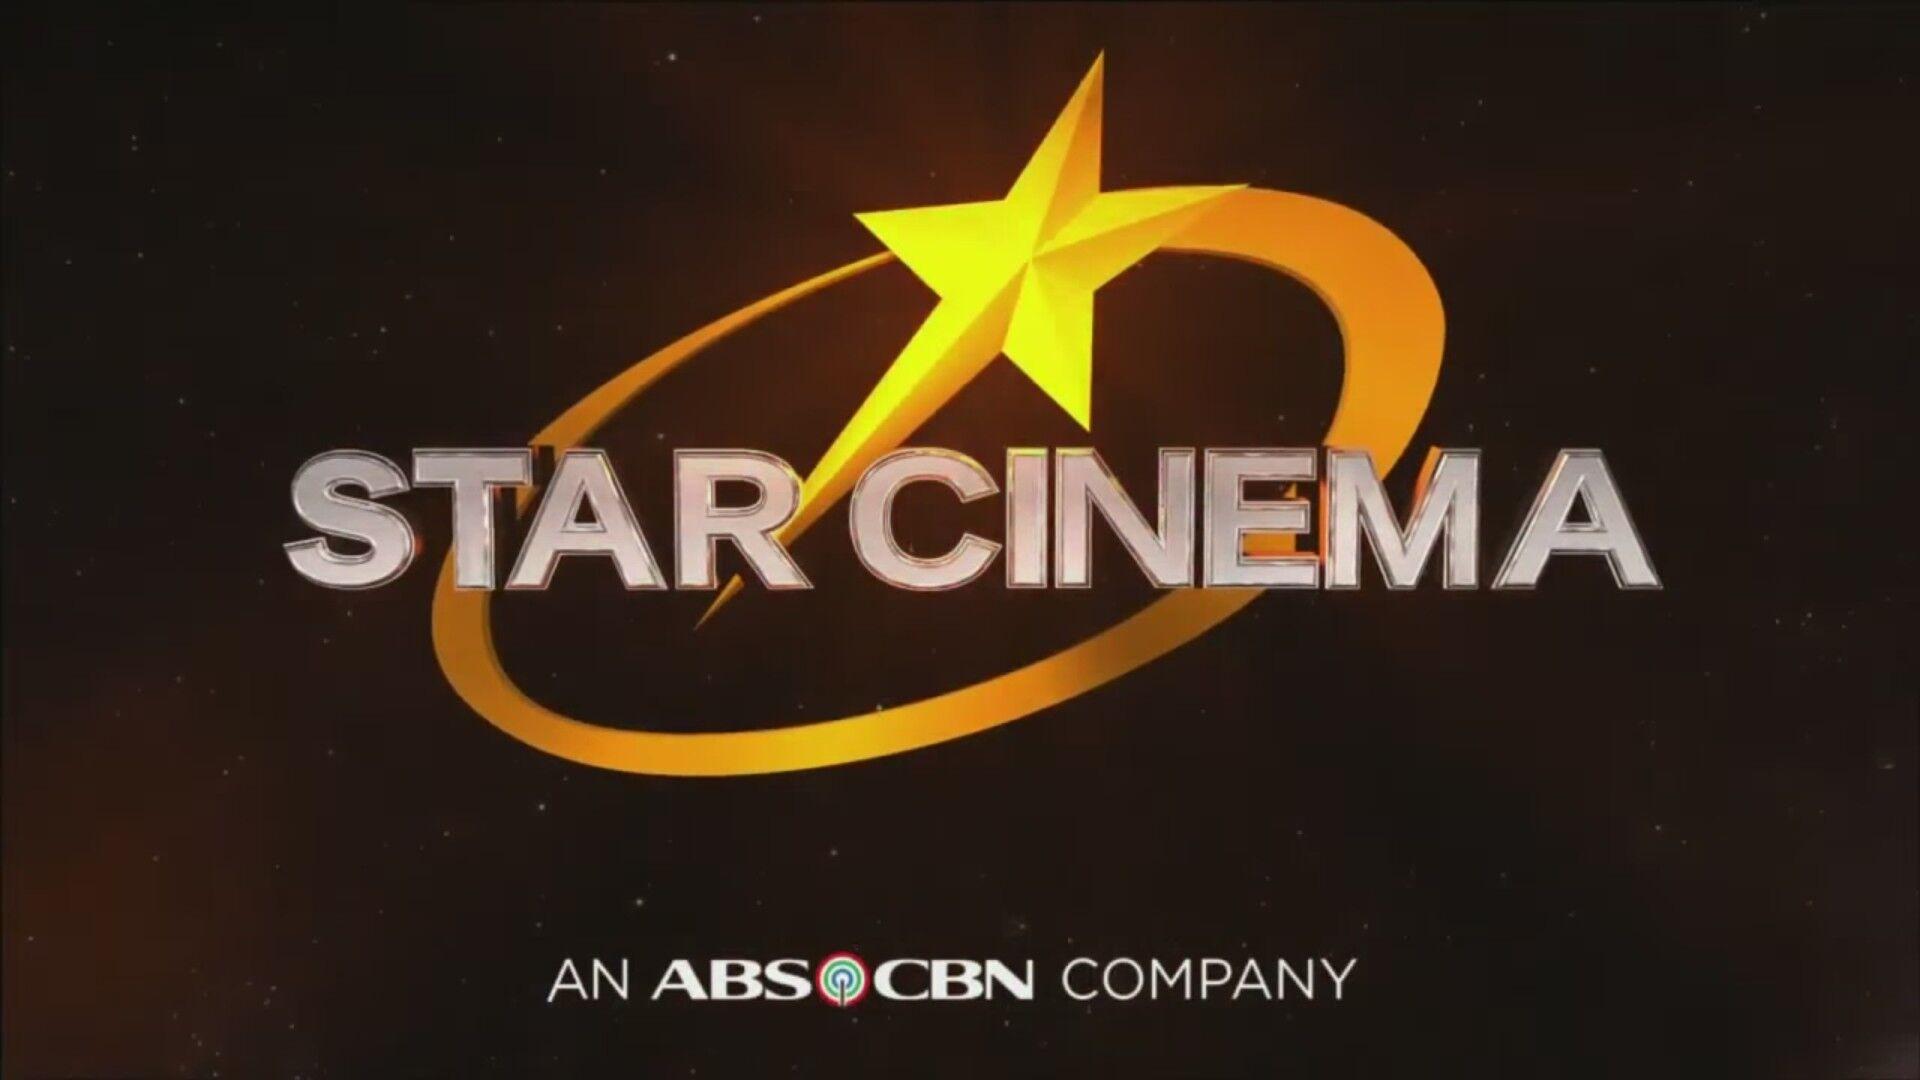 Star cinema logo 2014 / Se7en movie envy